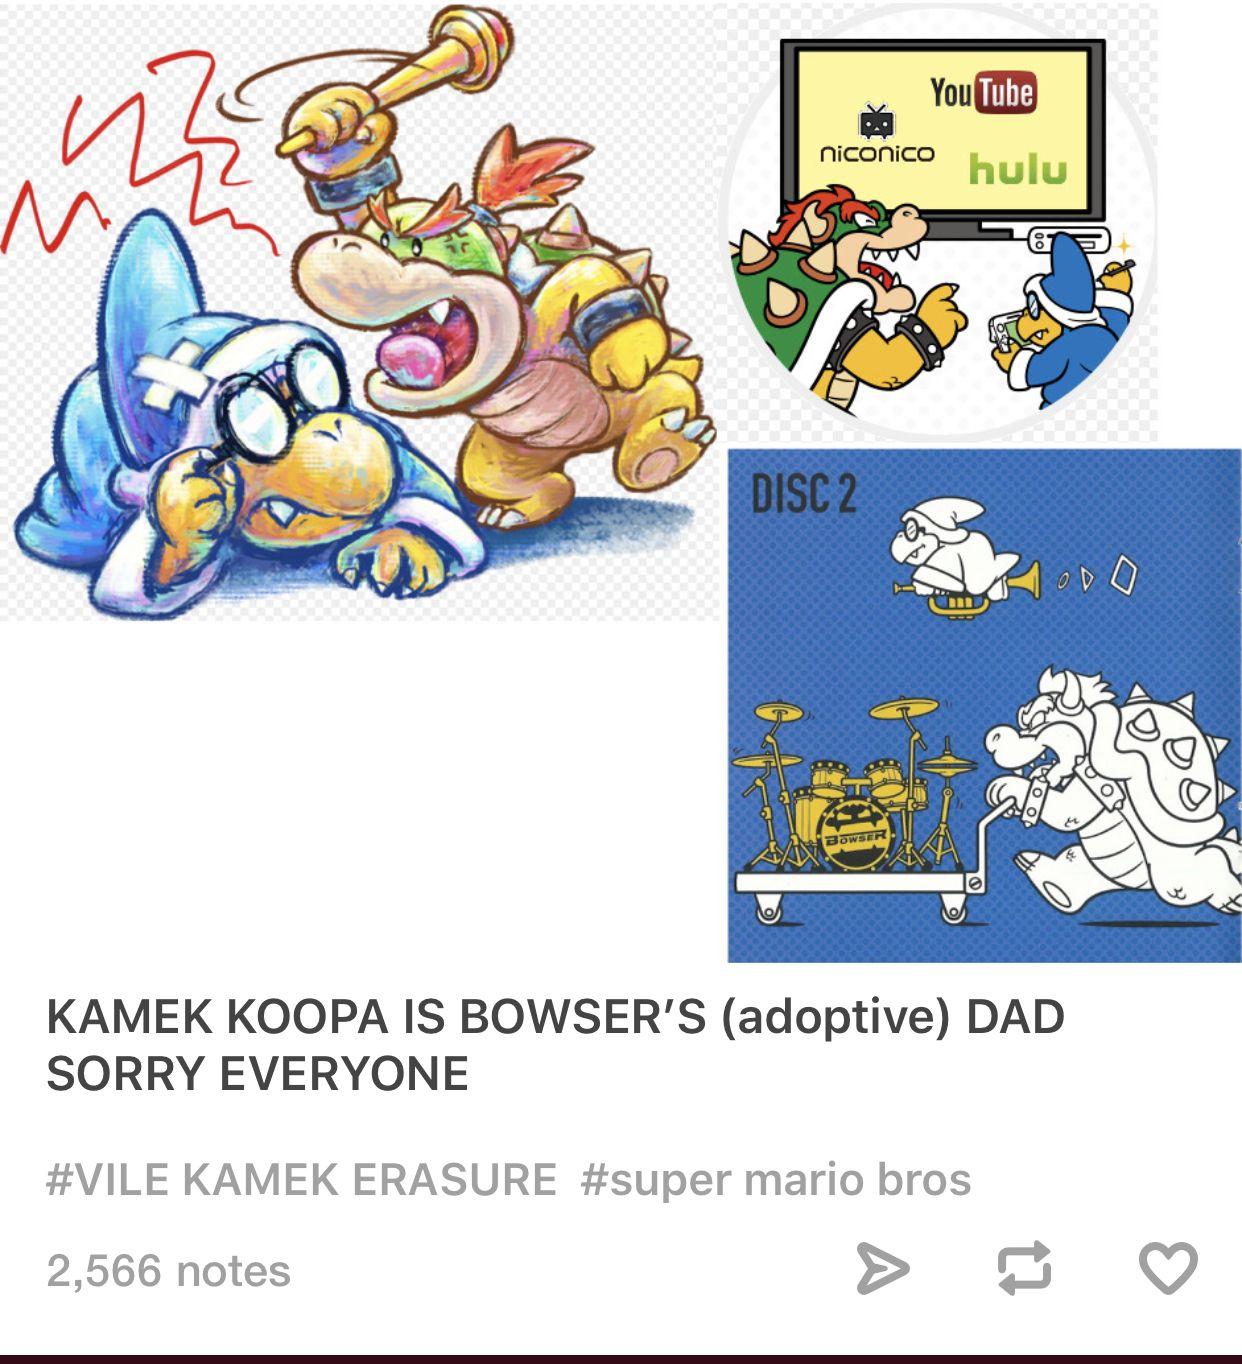 Mario s adoptive daddy